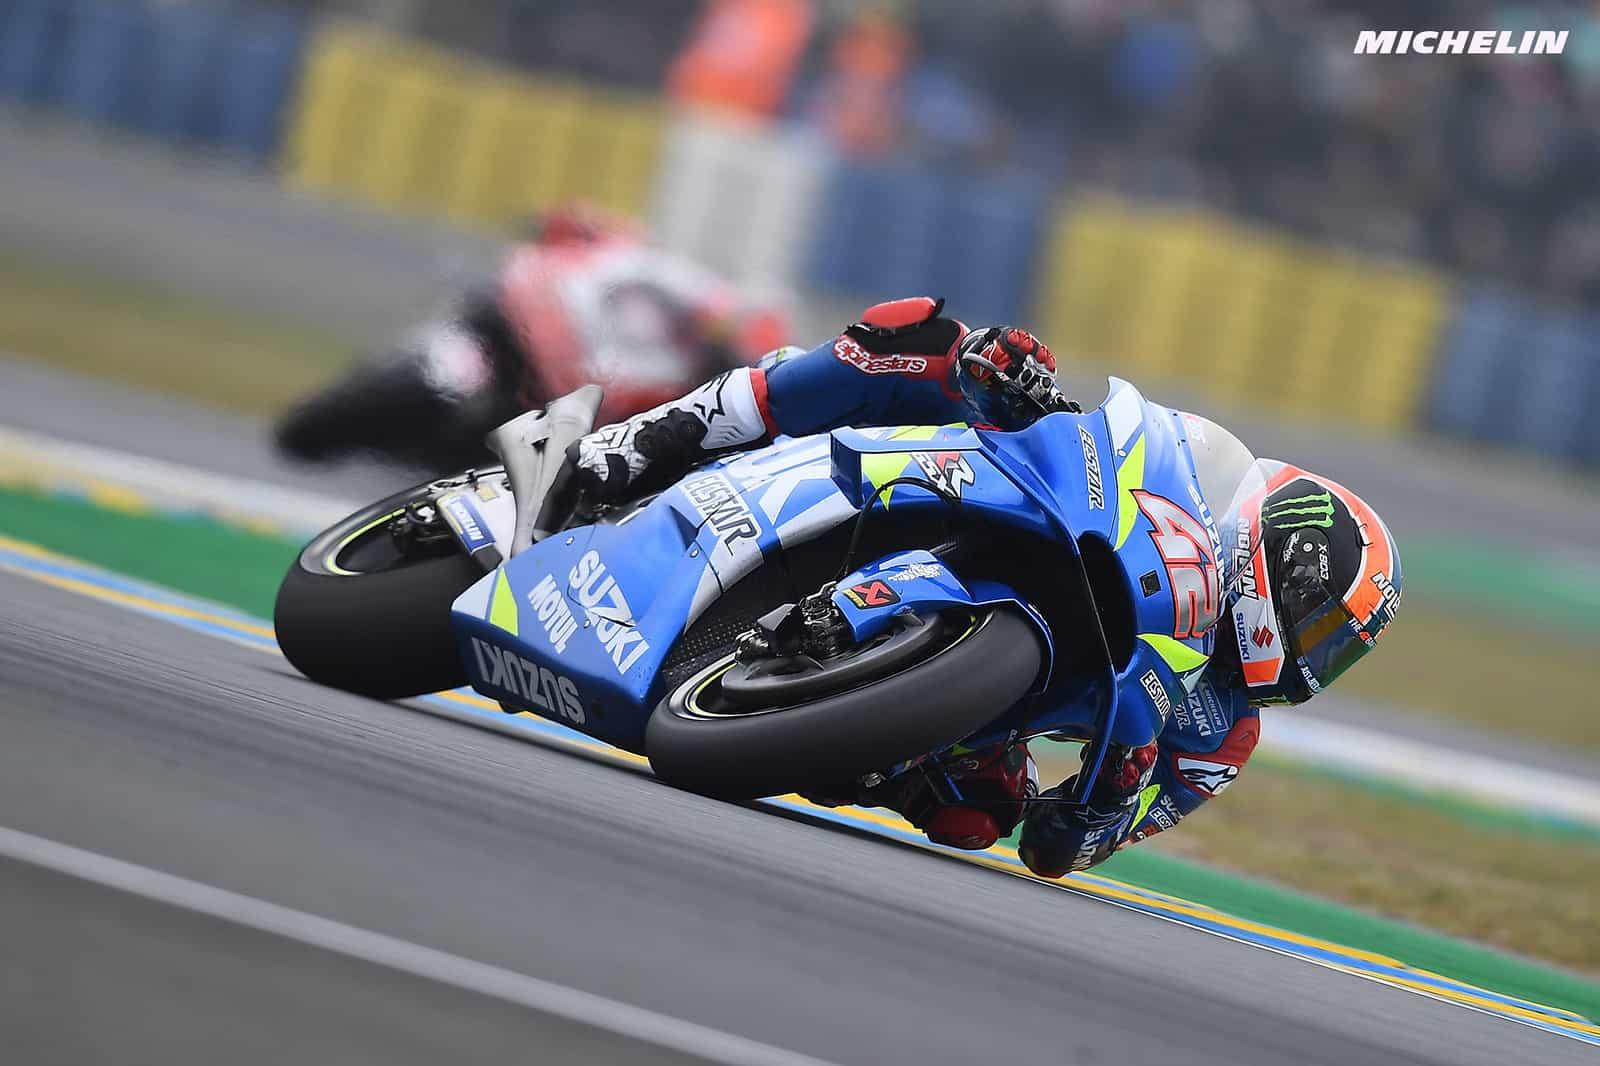 MotoGP2019イタリアGP リンス「ミスから学び、コンスタントに走る必要がある」